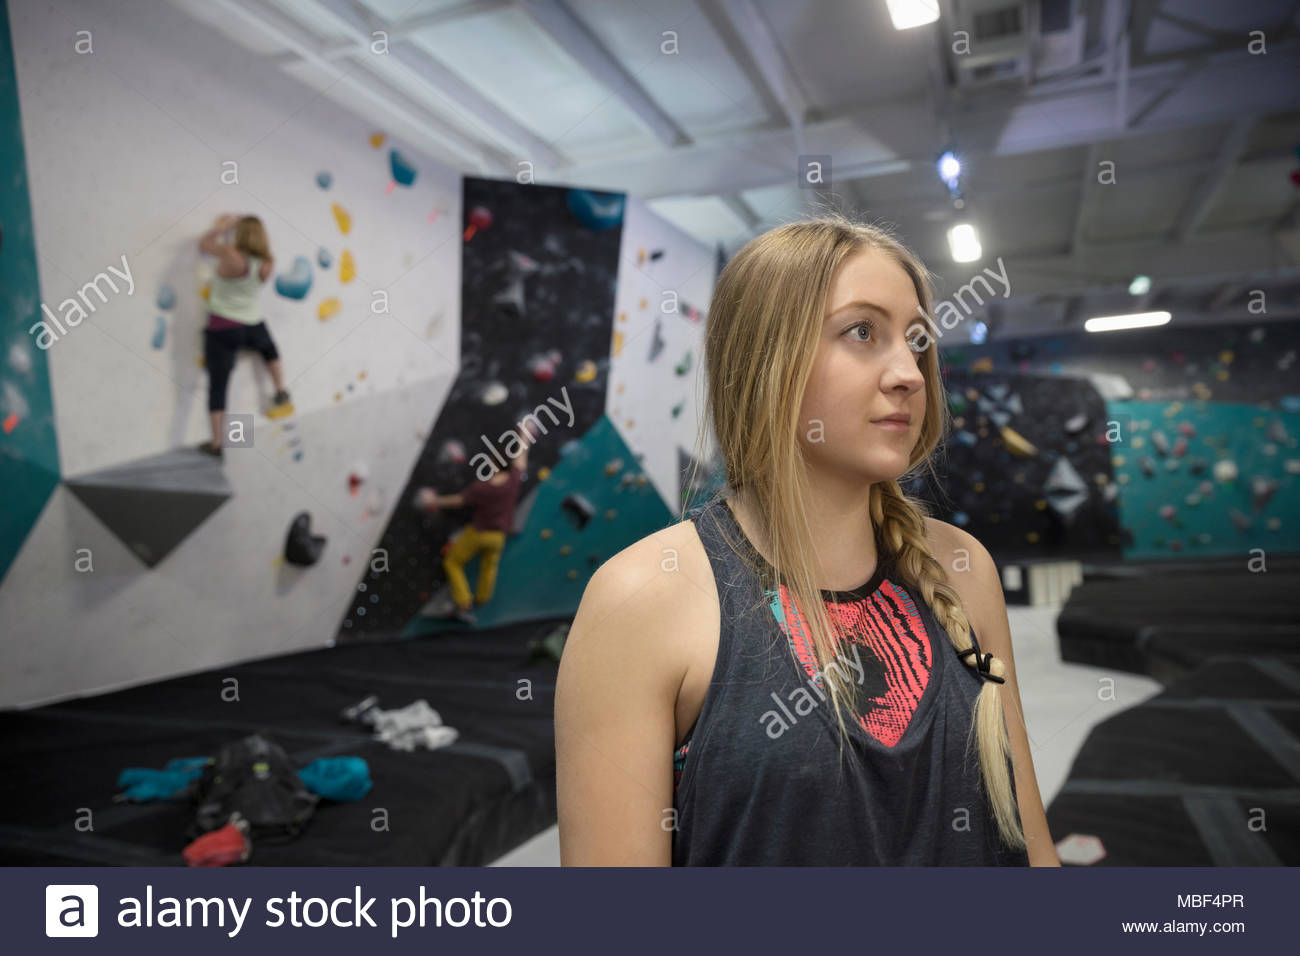 Decididos, escalador femenino centrado en el gimnasio de escalada Imagen De Stock